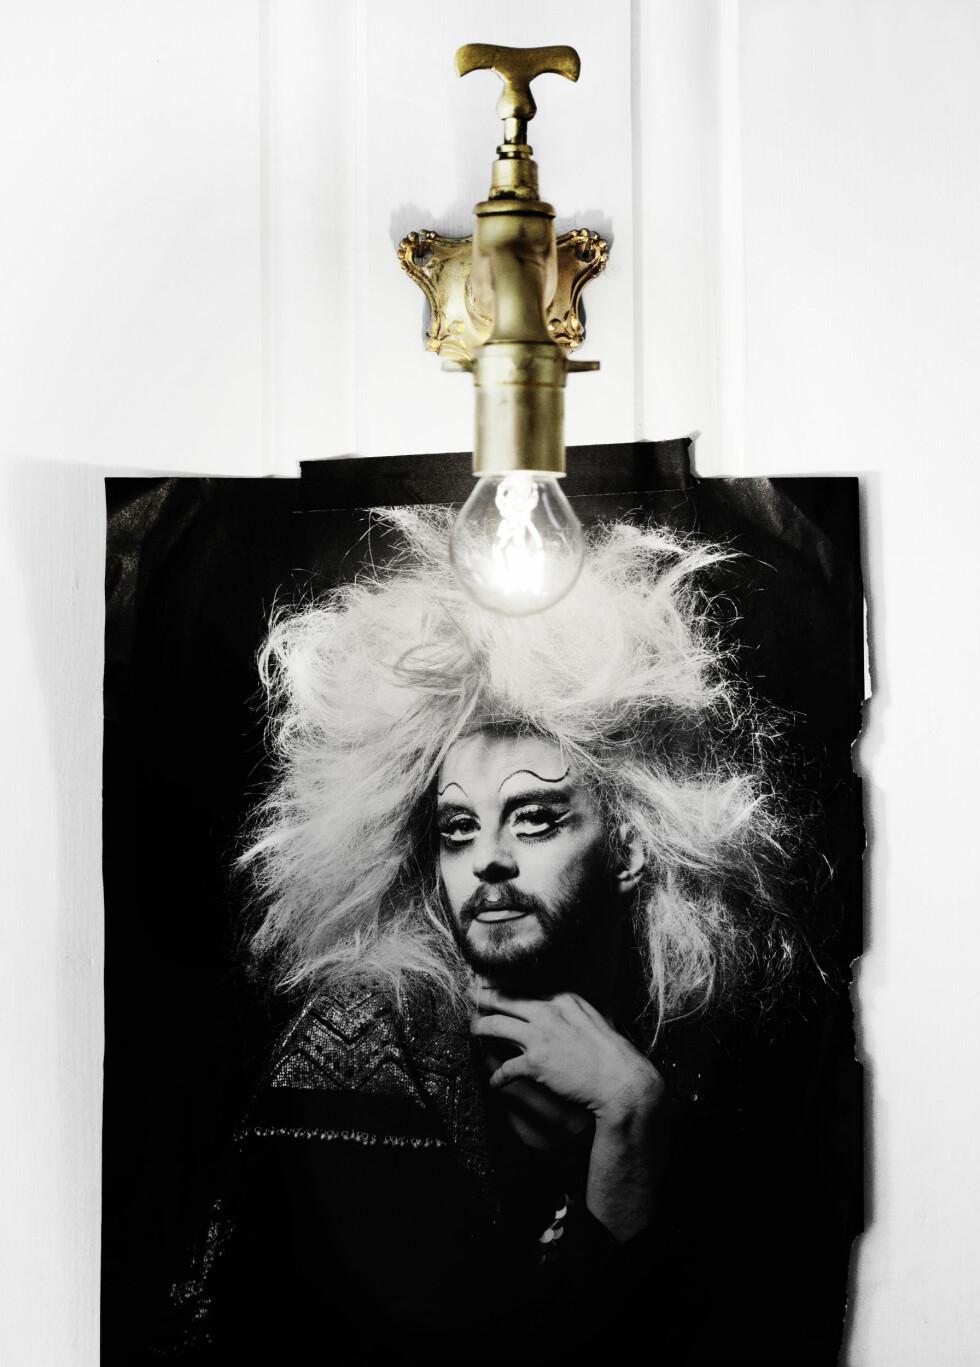 KREATIV KUNSTNERGAVE: Lampen er laget av en gammel messingkran, og er en gave fra kunstnervennen Kjetil Aschim, som lager brukskunst av gjenbruksmaterialer. Bildet på veggen har Ive hentet fra et blad, for henne symboliserer det viktigheten av ikke å ta seg selv så høytidelig.   Foto: Nina Ruud